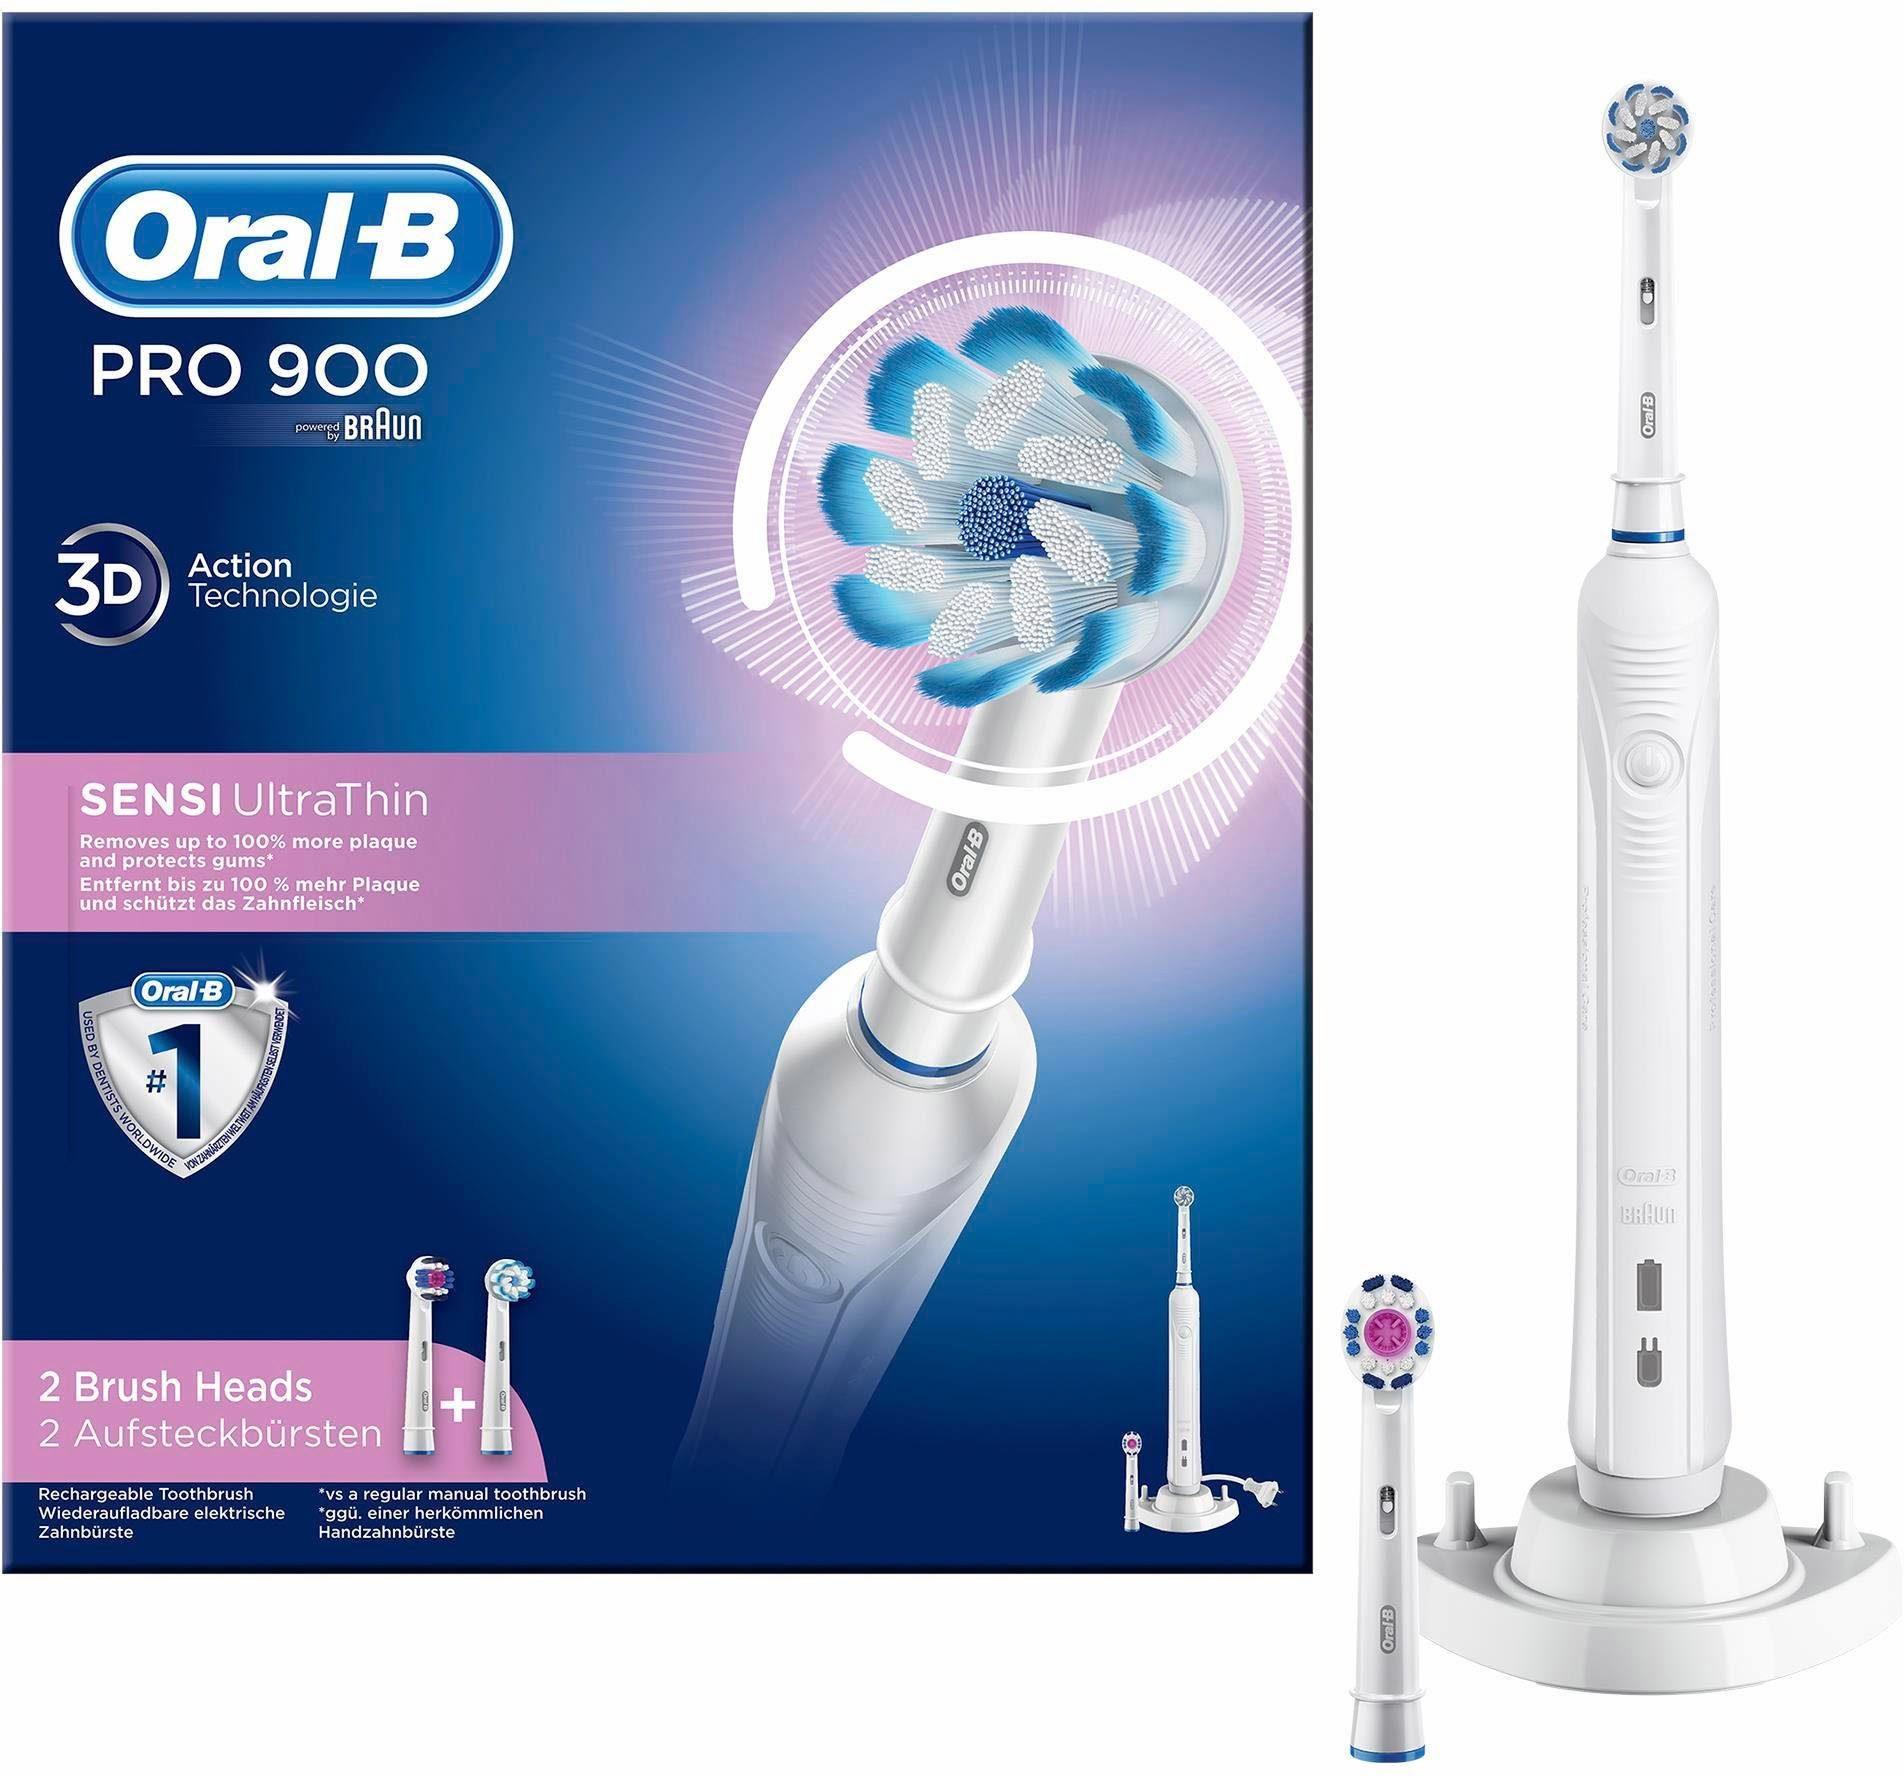 Oral-B Elektrische Zahnbürste PRO 900 Sensi Ultrathin, Powered By Braun